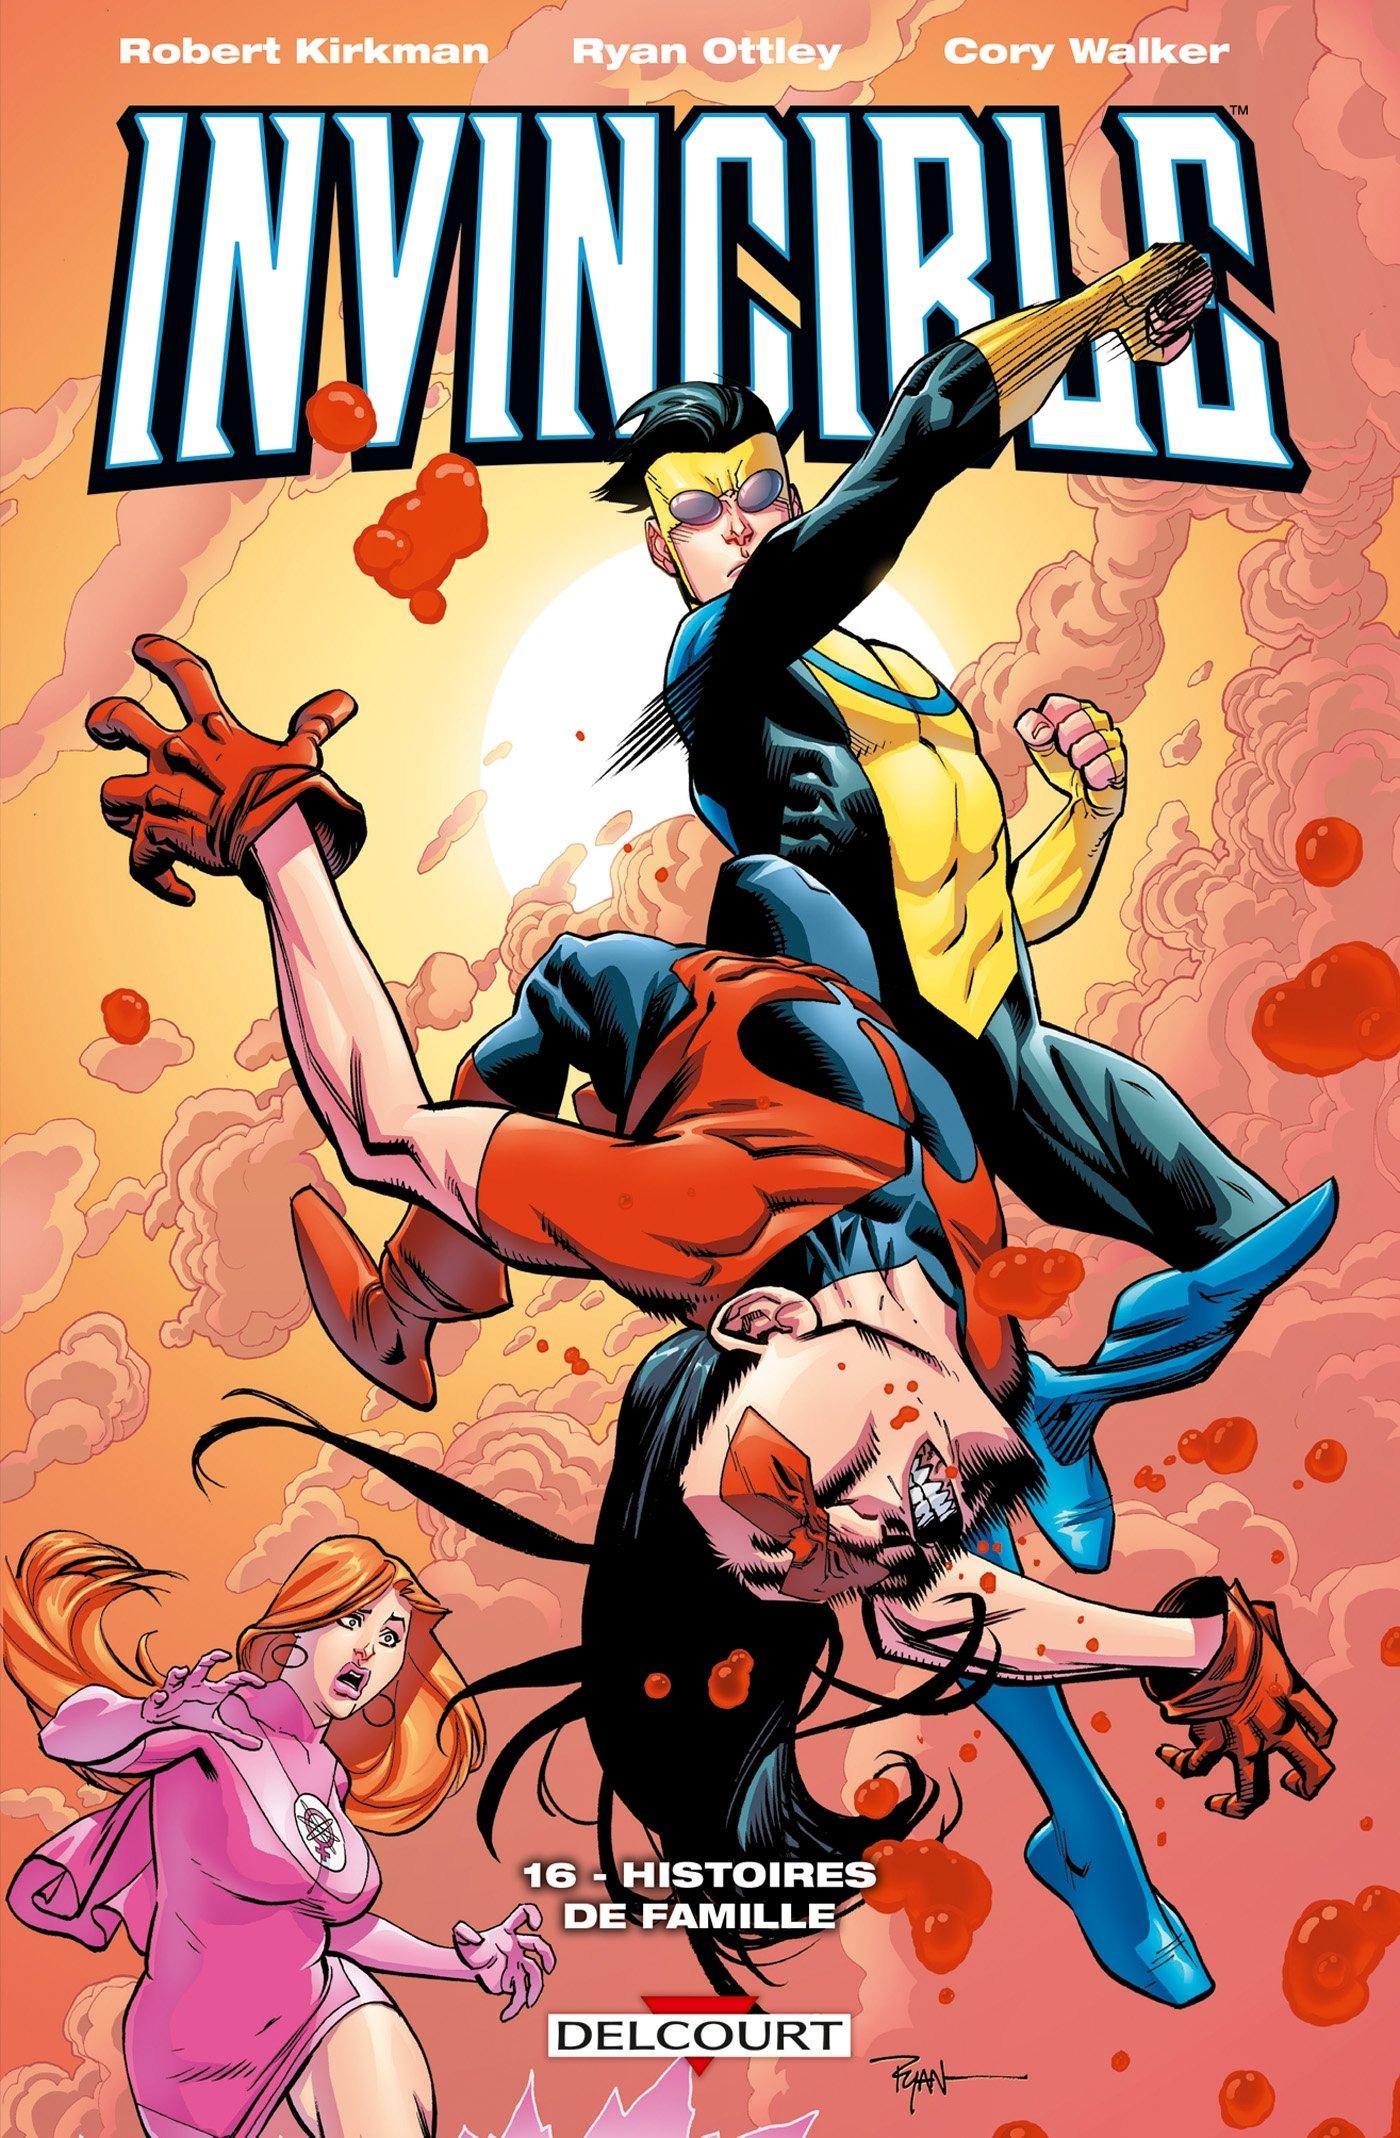 Invincible T16 : Histoires de famille (0), comics chez Delcourt de Kirkman, Ottley, Walker, Rauch, Shannon, FCO Plascencia